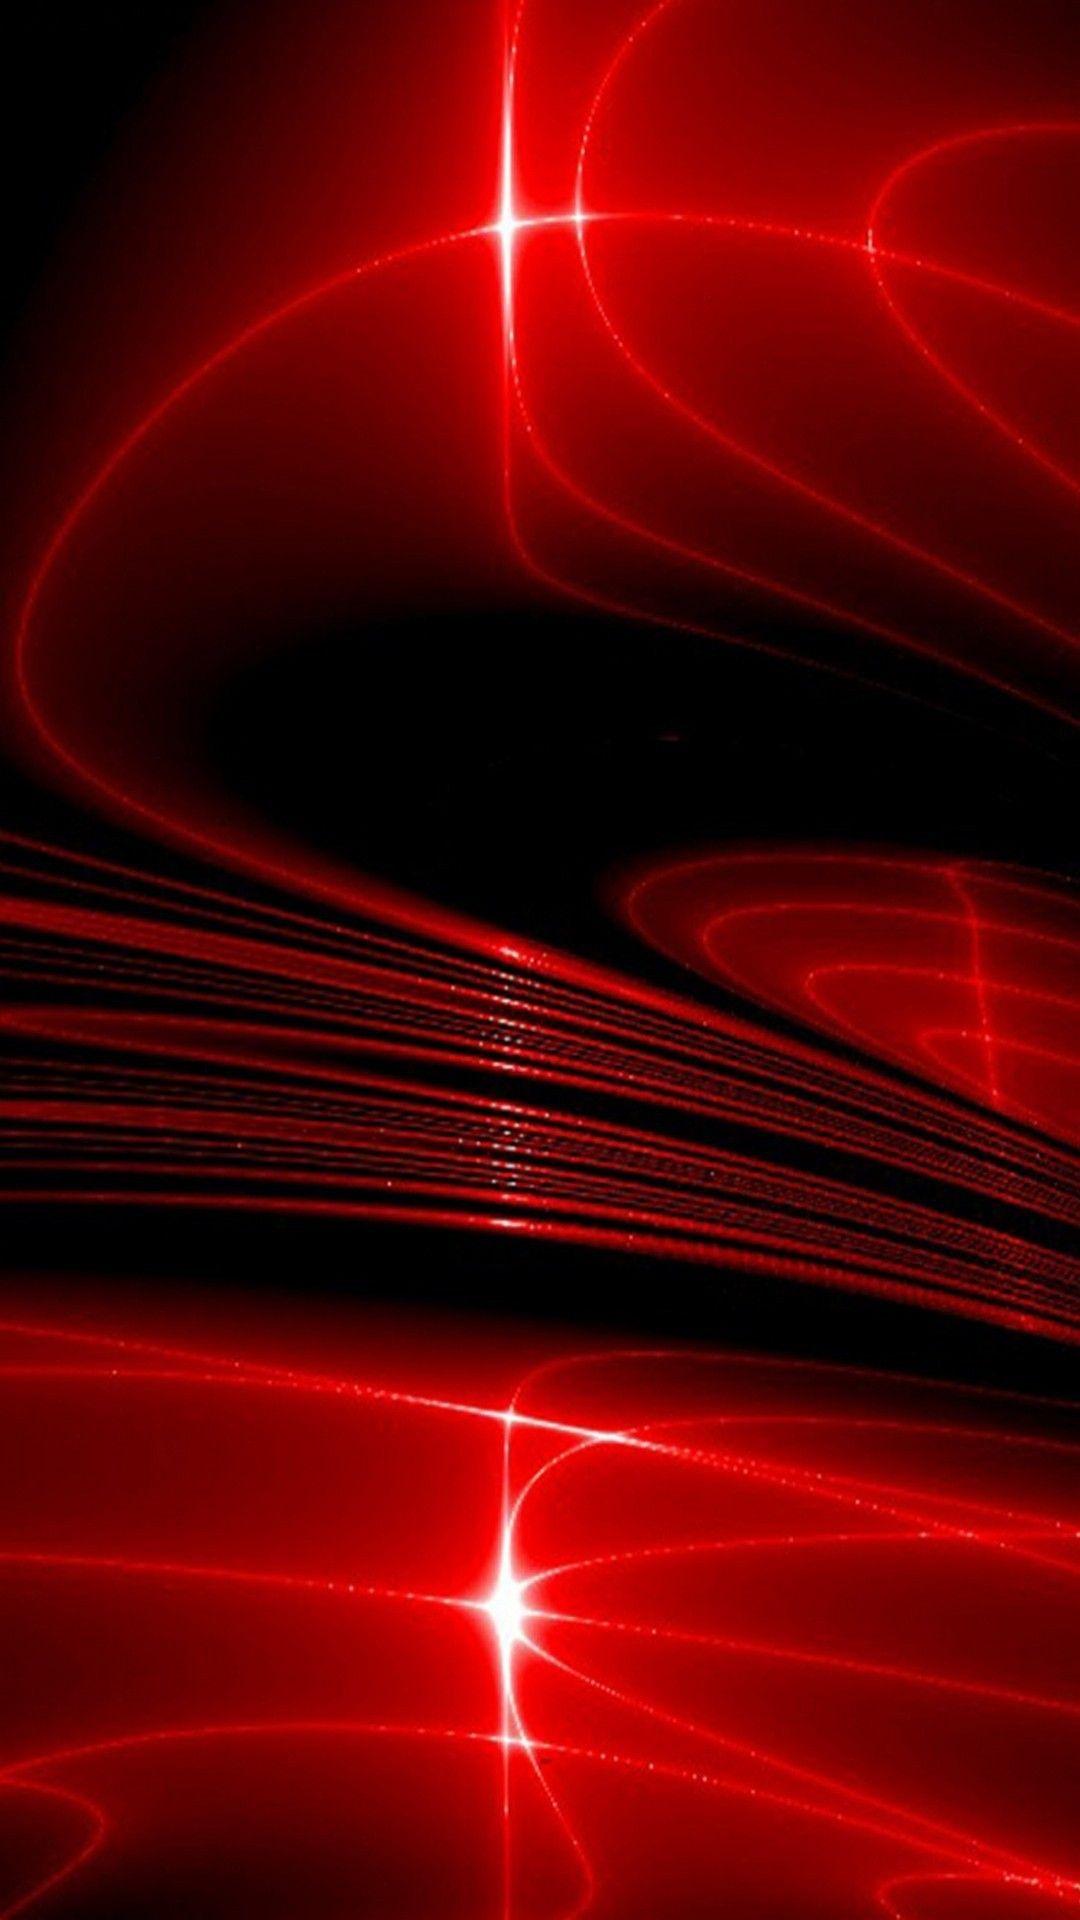 Ảnh nền màn hình điện thoại đỏ đen cực đẹp